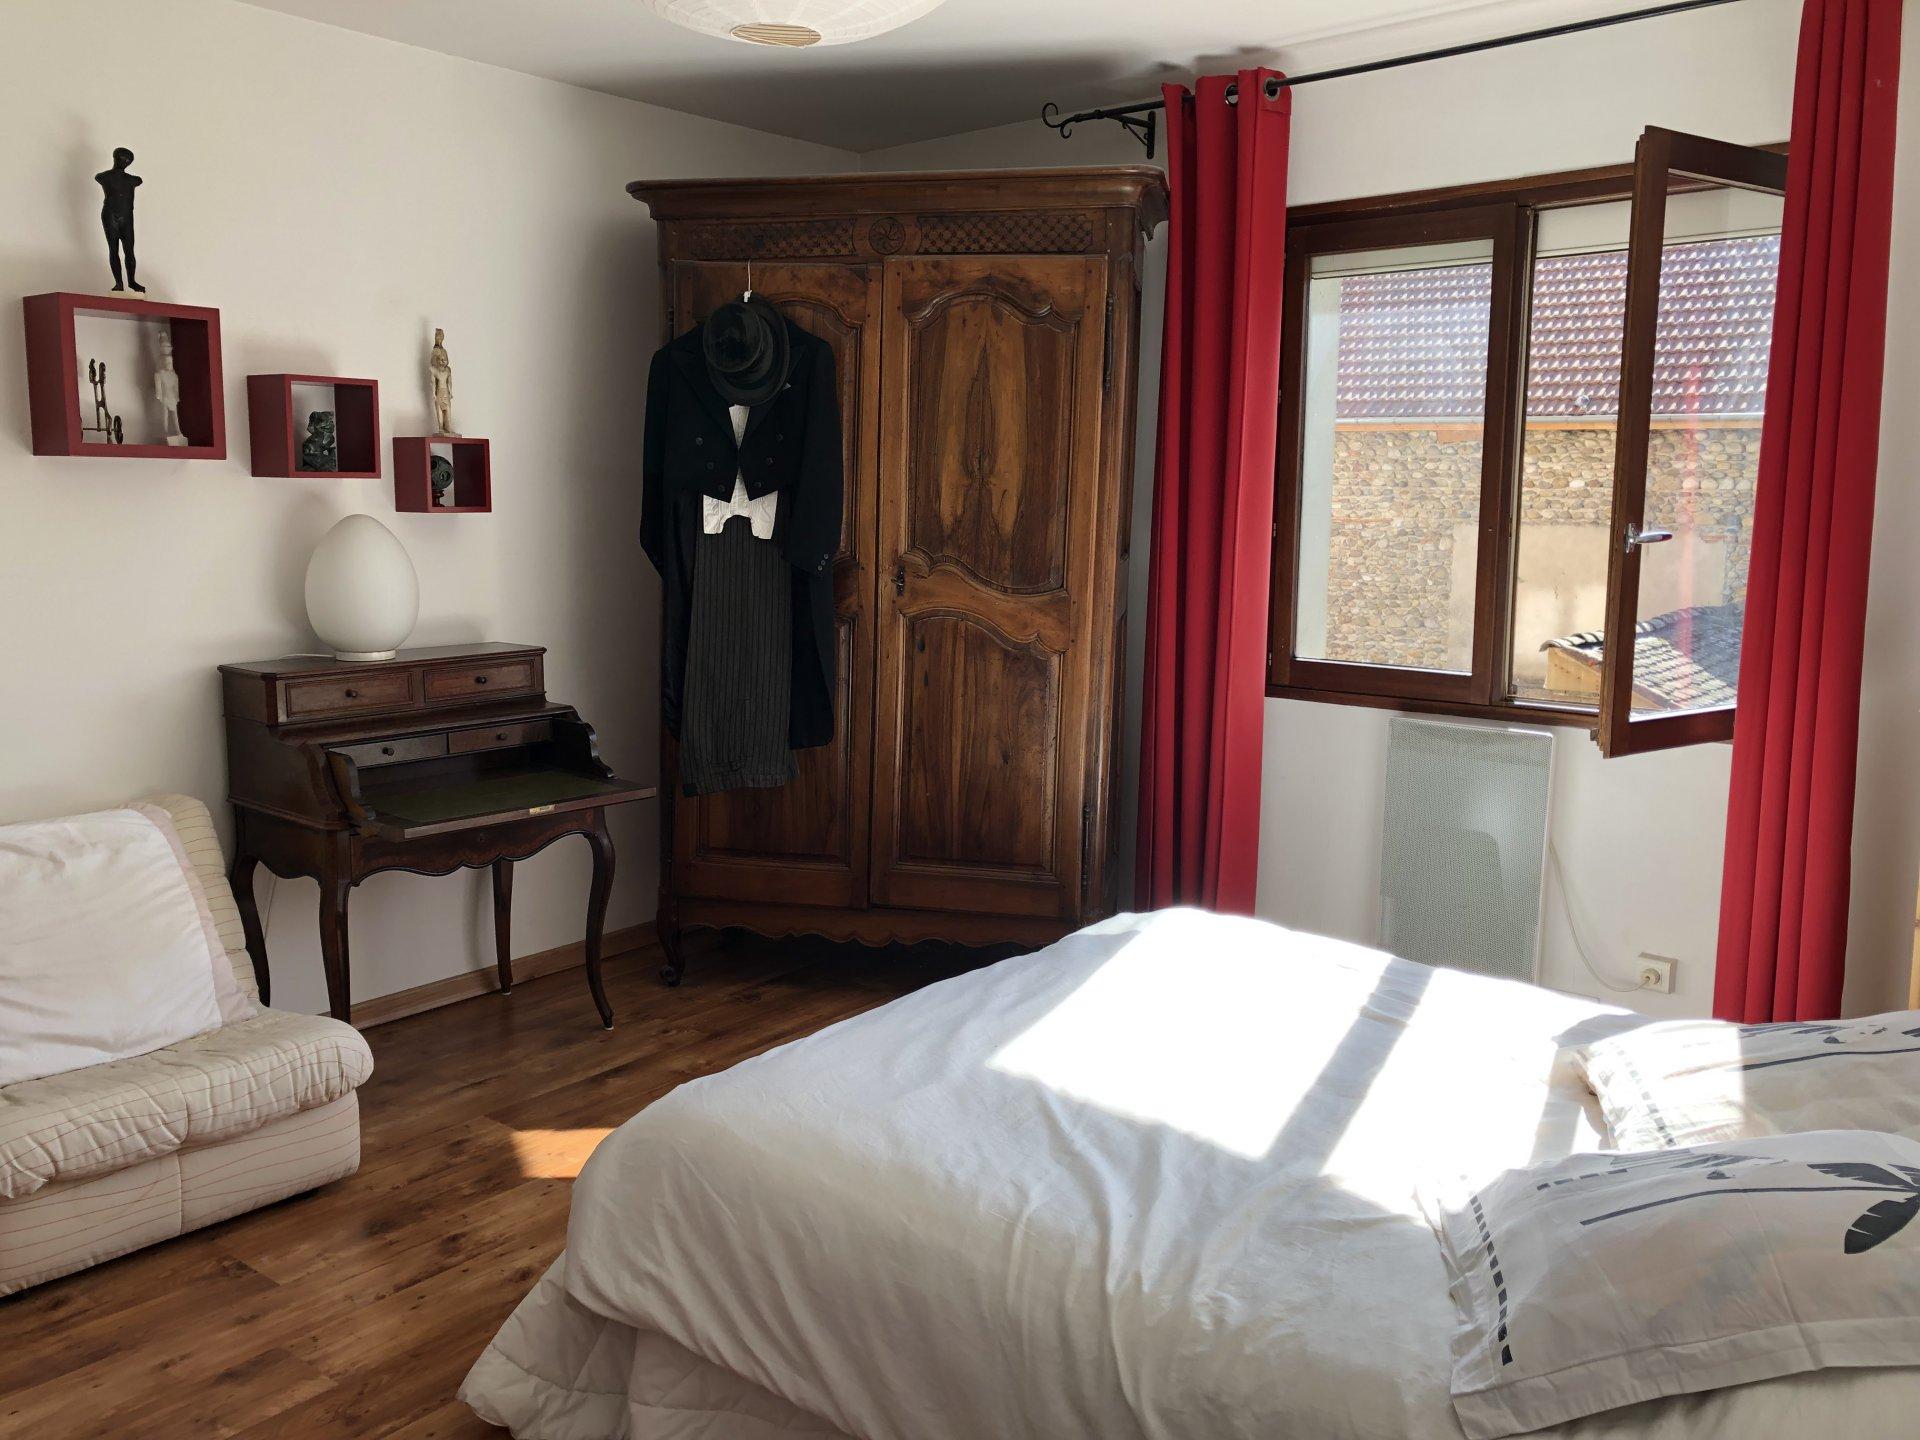 Chambre 1 avec parquet